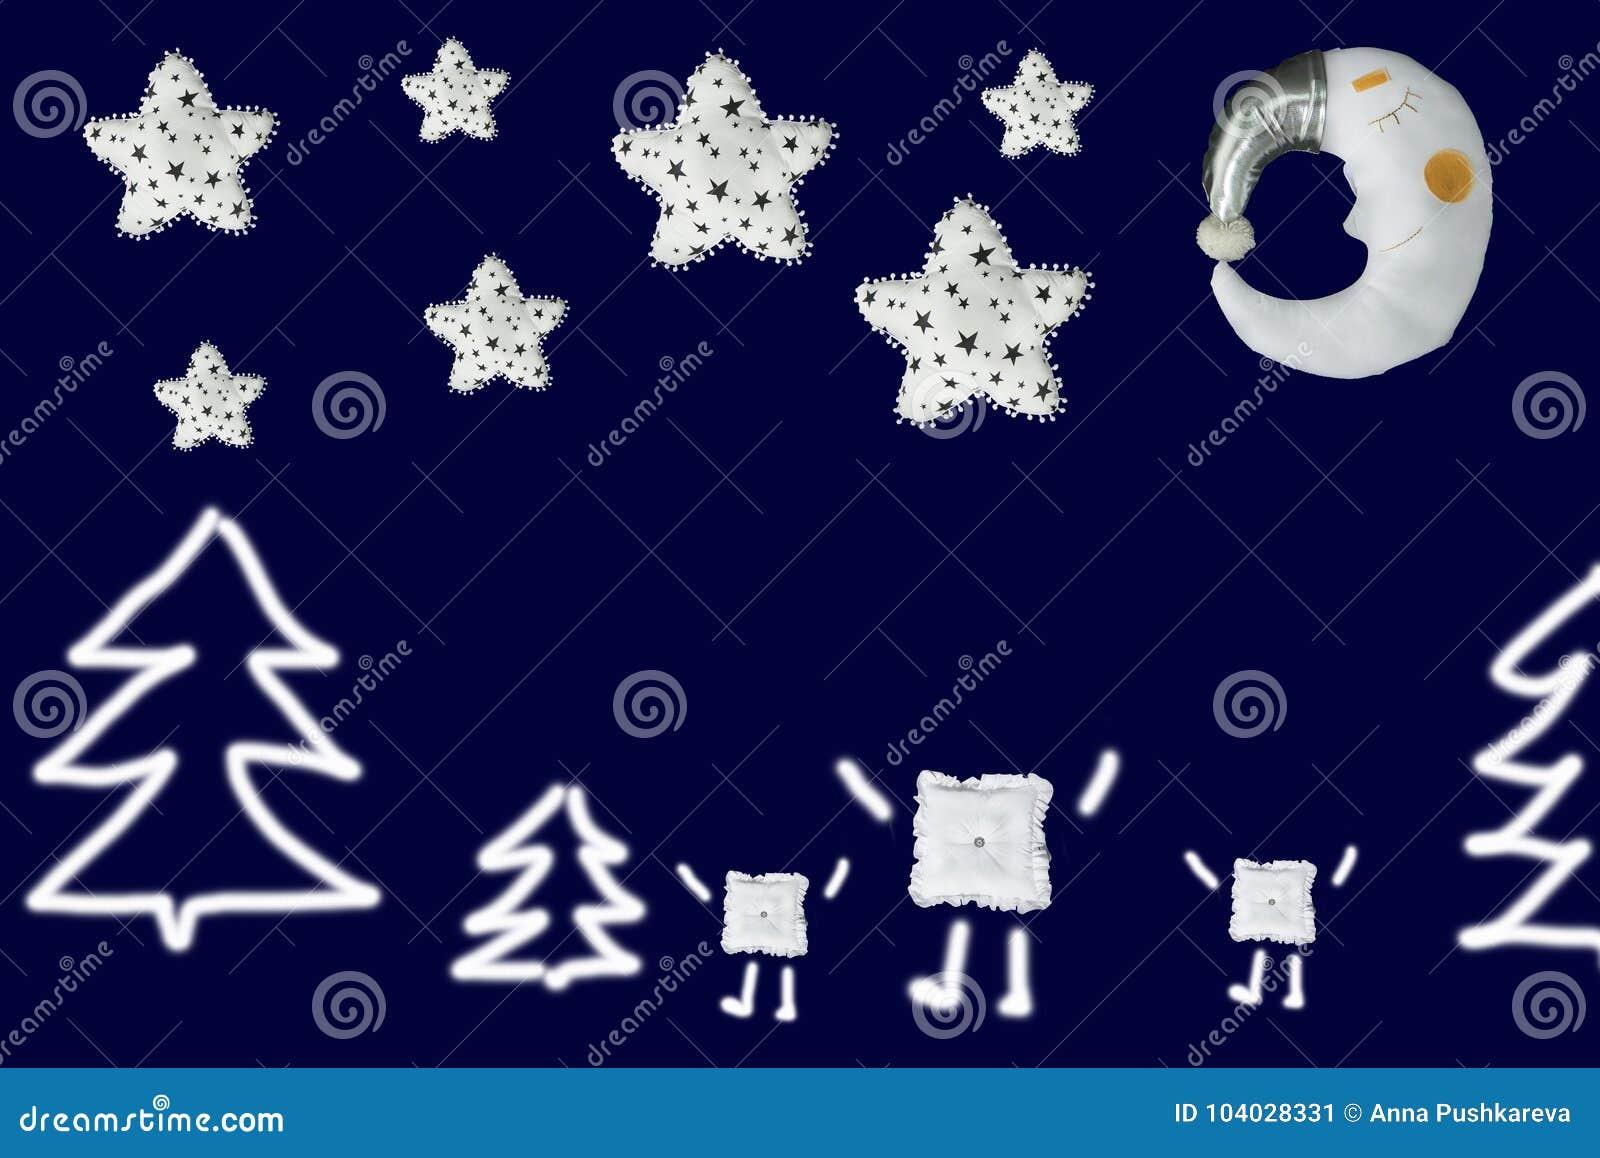 3 квадрата между елями под белыми звездами и луной спать на предпосылке сини военно-морского флота